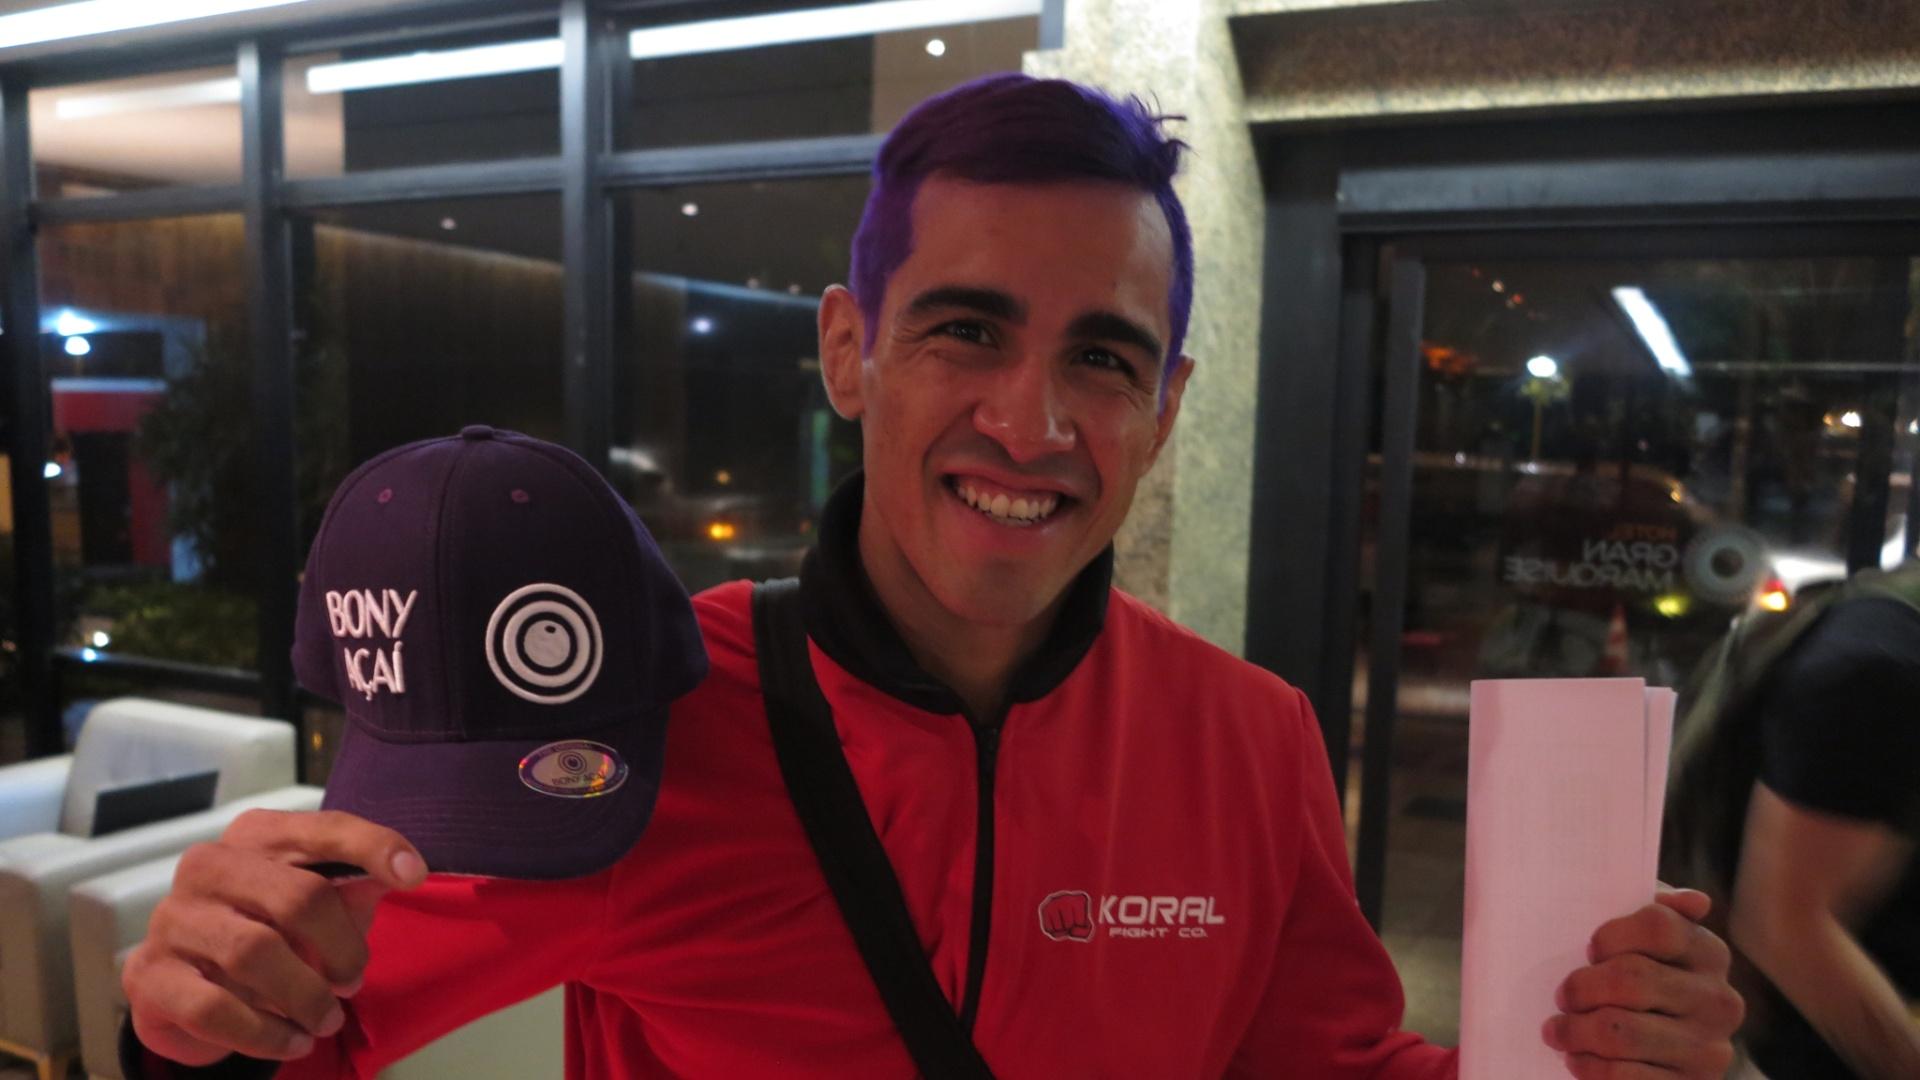 Godofredo Pepey mostra os cabelos roxos, pintados especialmente para lutar no UFC de Fortaleza, em sua casa, neste sábado